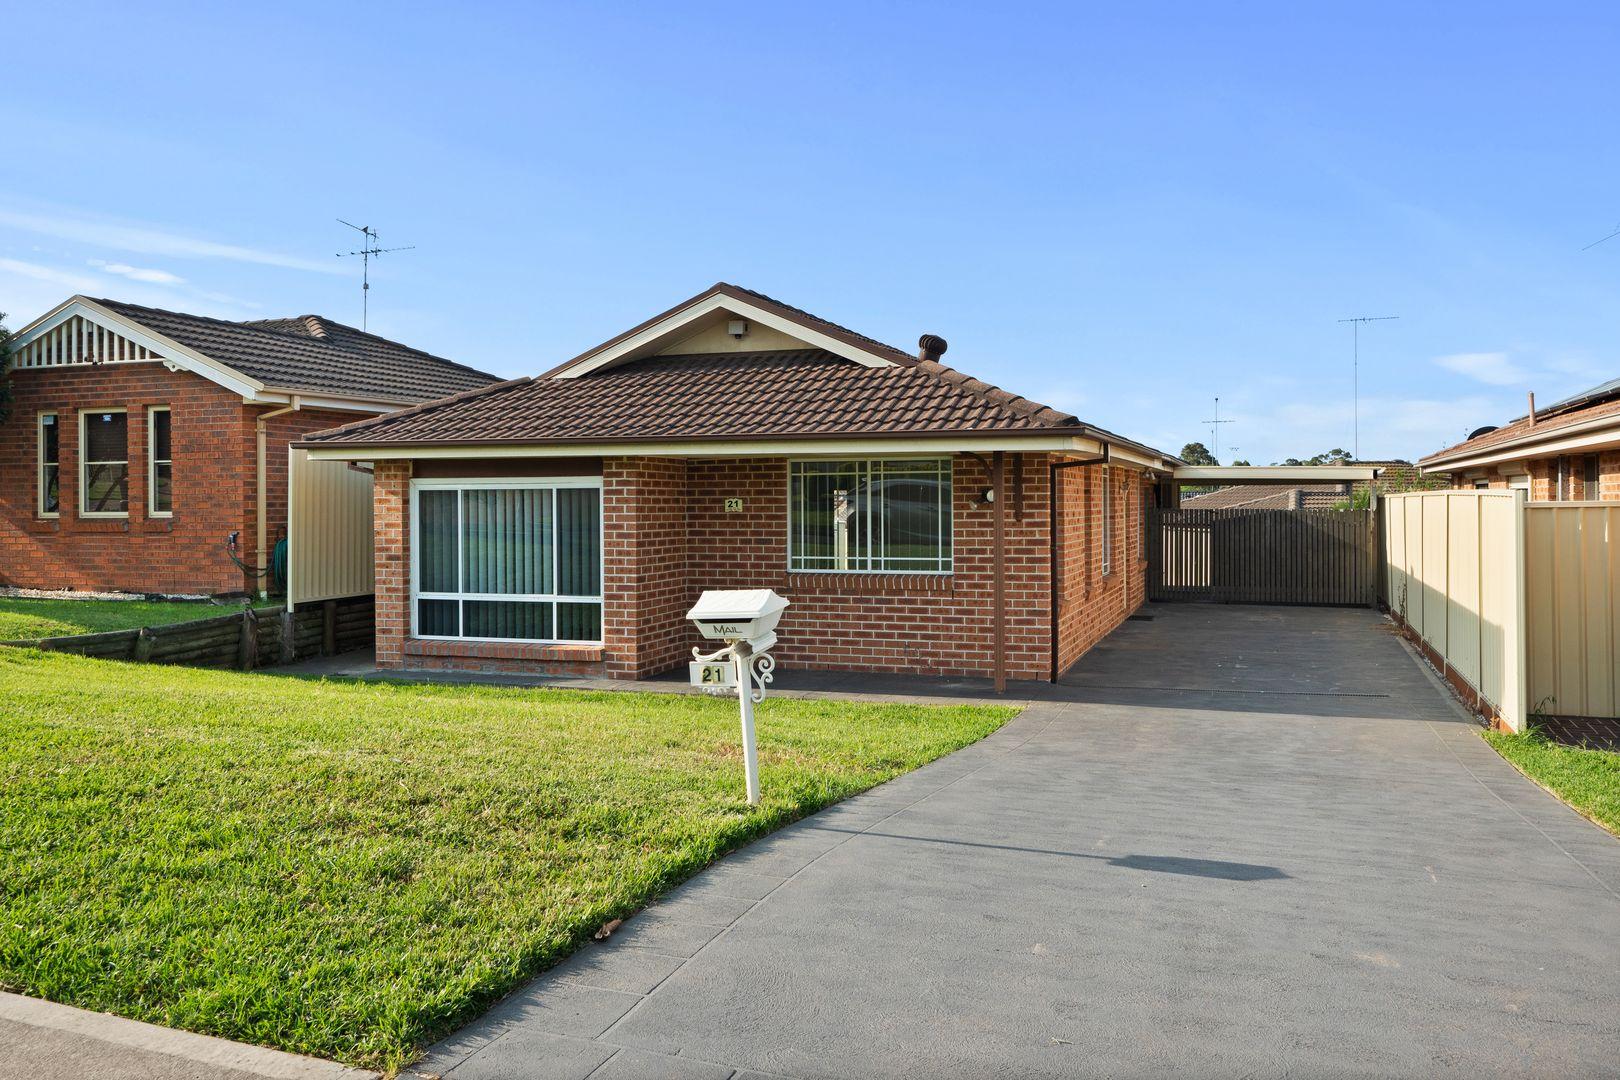 21 Linde Road, Glendenning NSW 2761, Image 0